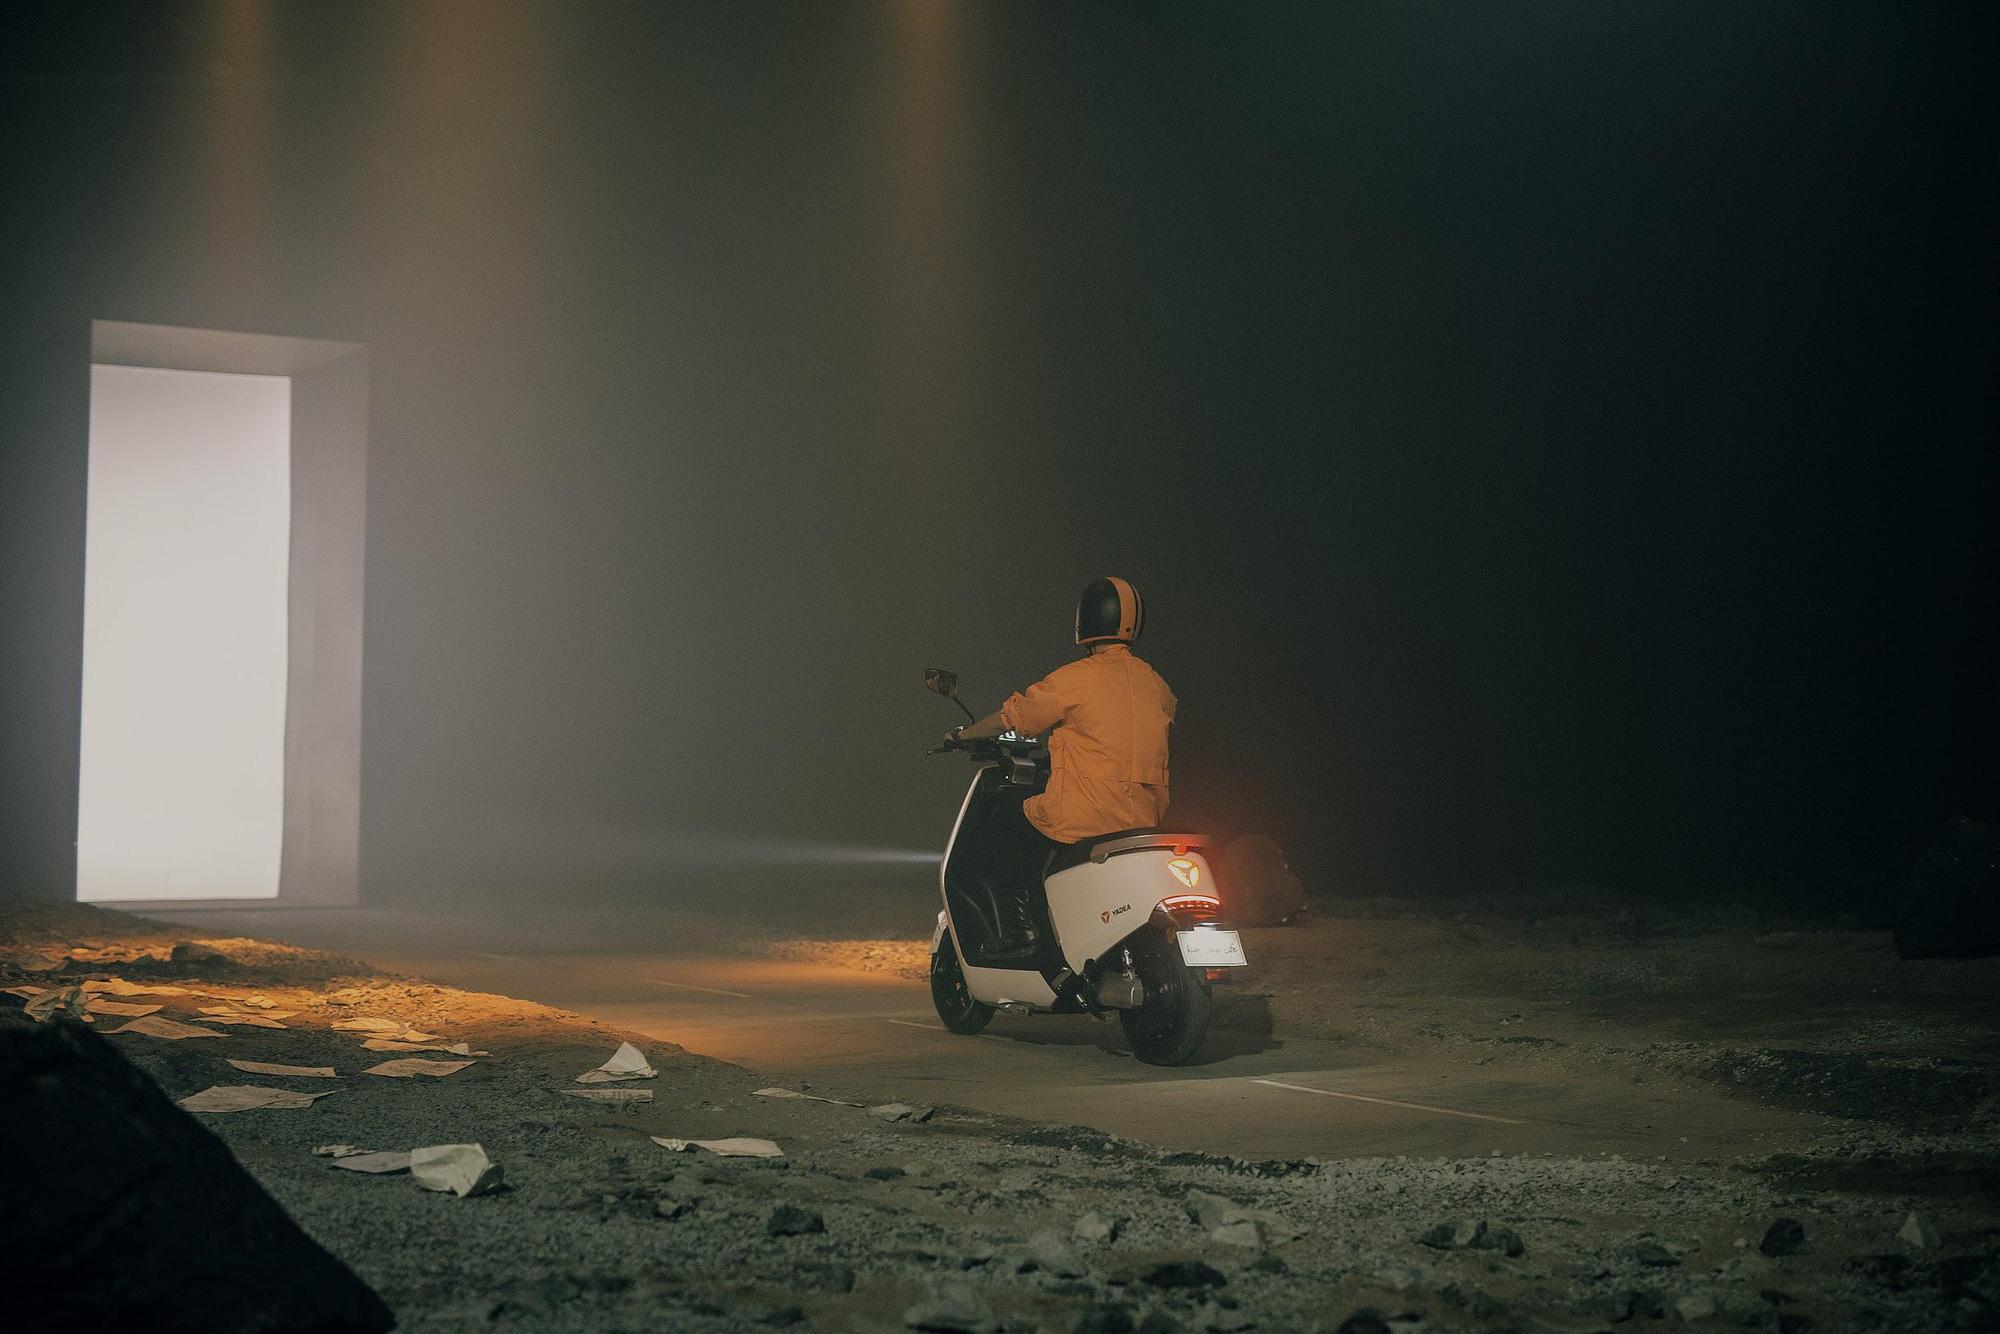 Rhymastic cùng Phương Ly tung MV kể câu chuyện cuộc đời đầy cảm xúc - Ảnh 5.